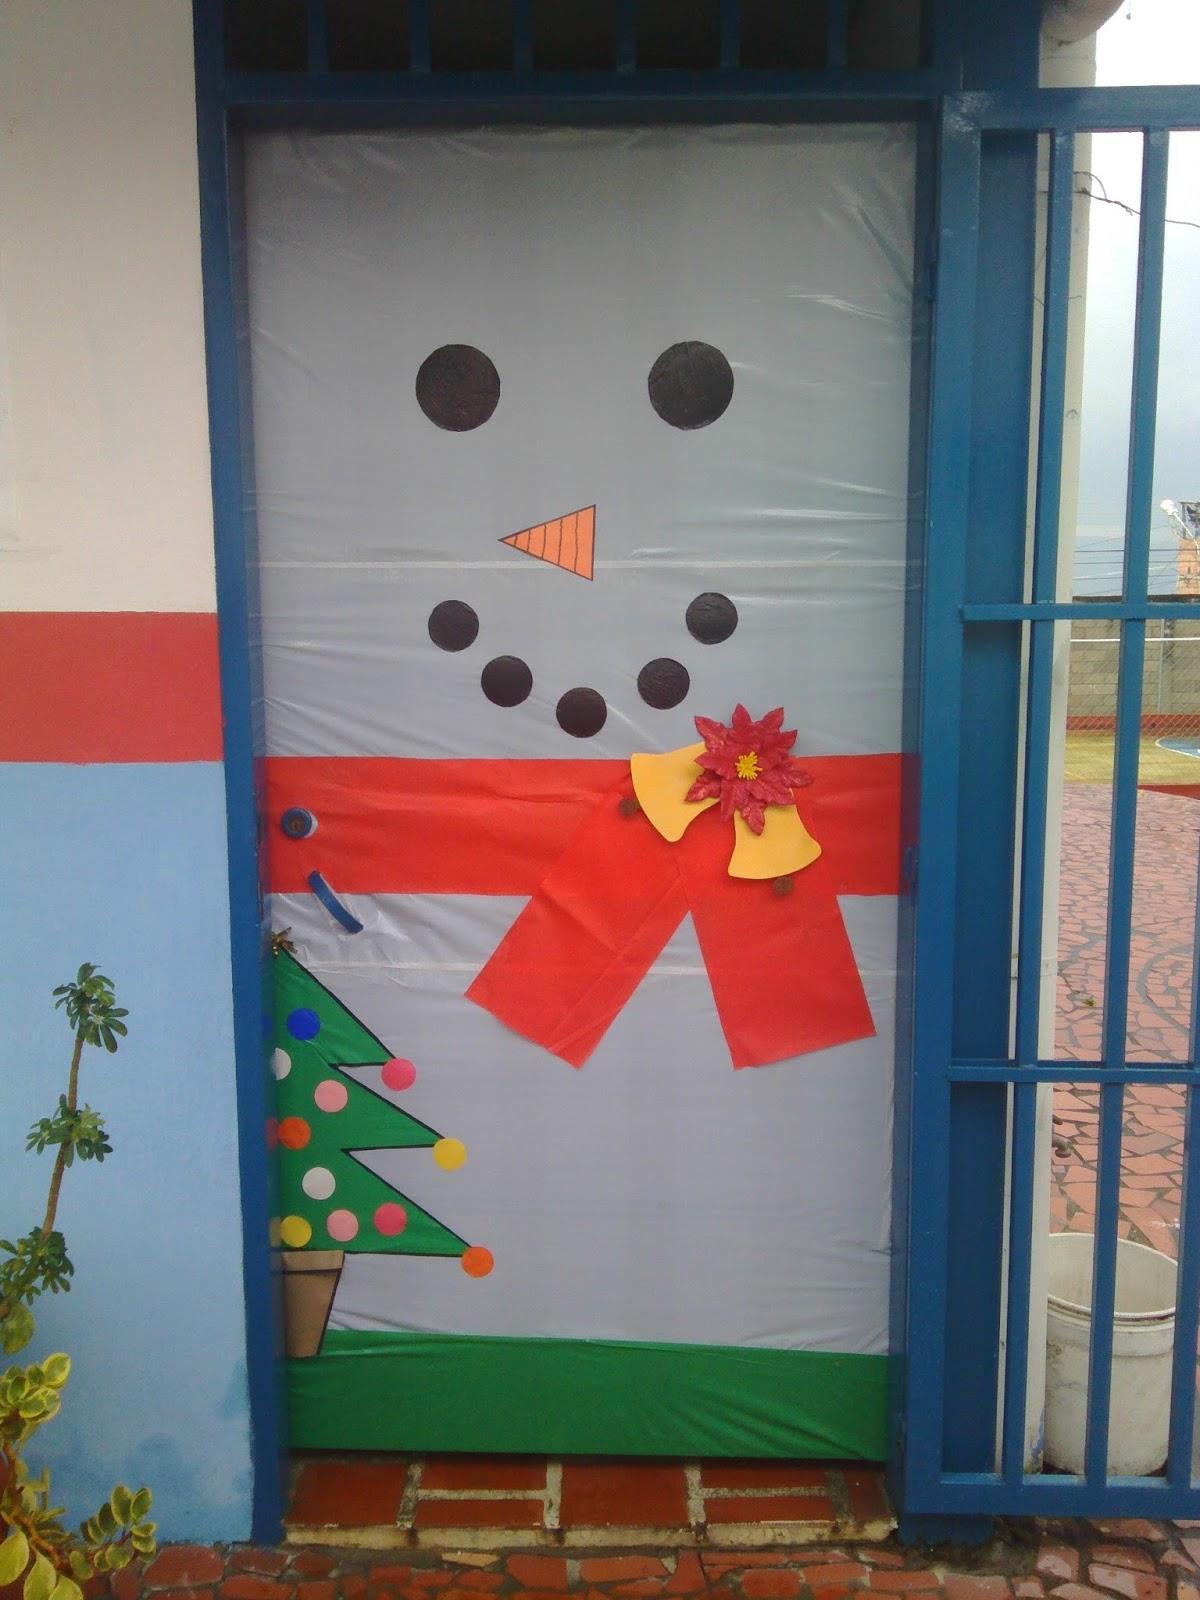 Coordinaci n c e i el abejal decoraci n navide a for Decoracion navidena para oficinas